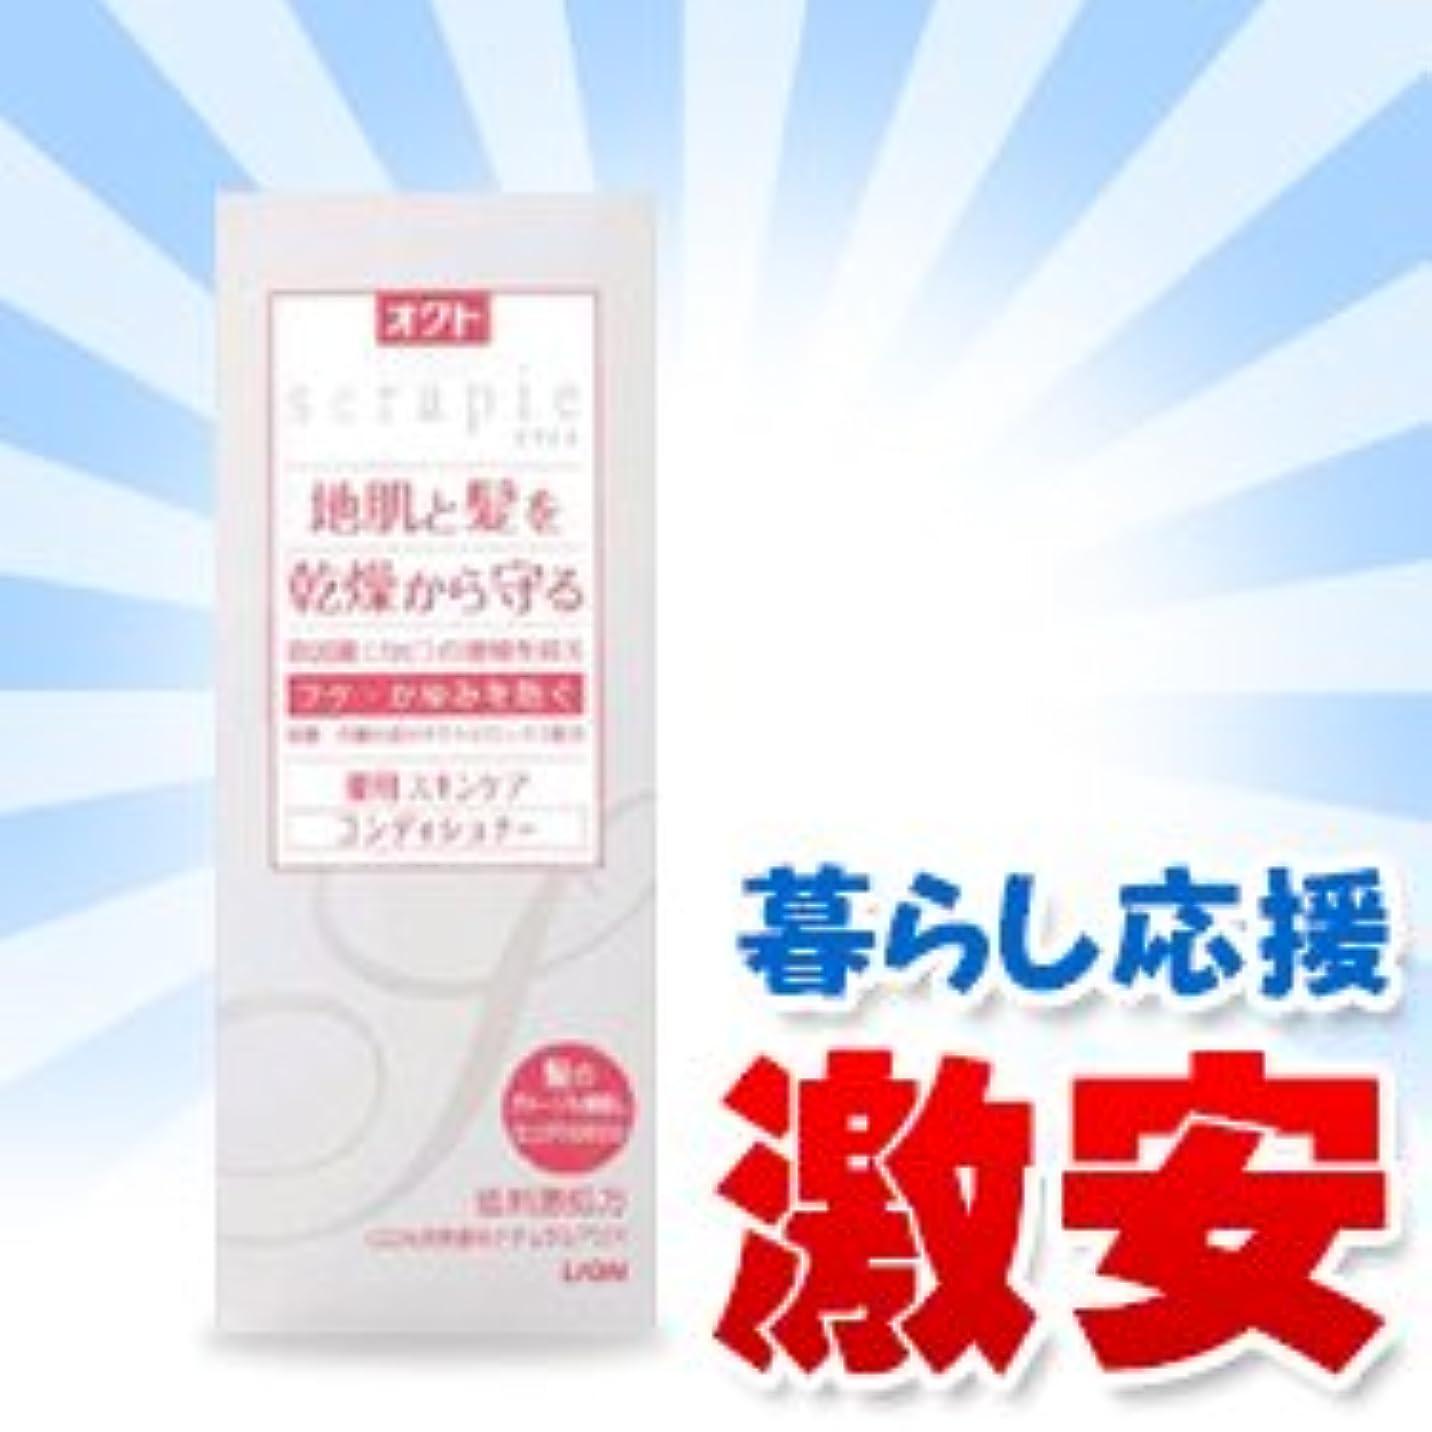 多年生スプリット寛解【ライオン】オクトserapie(セラピエ)薬用スキンケアコンディショナー230ml×6個セット